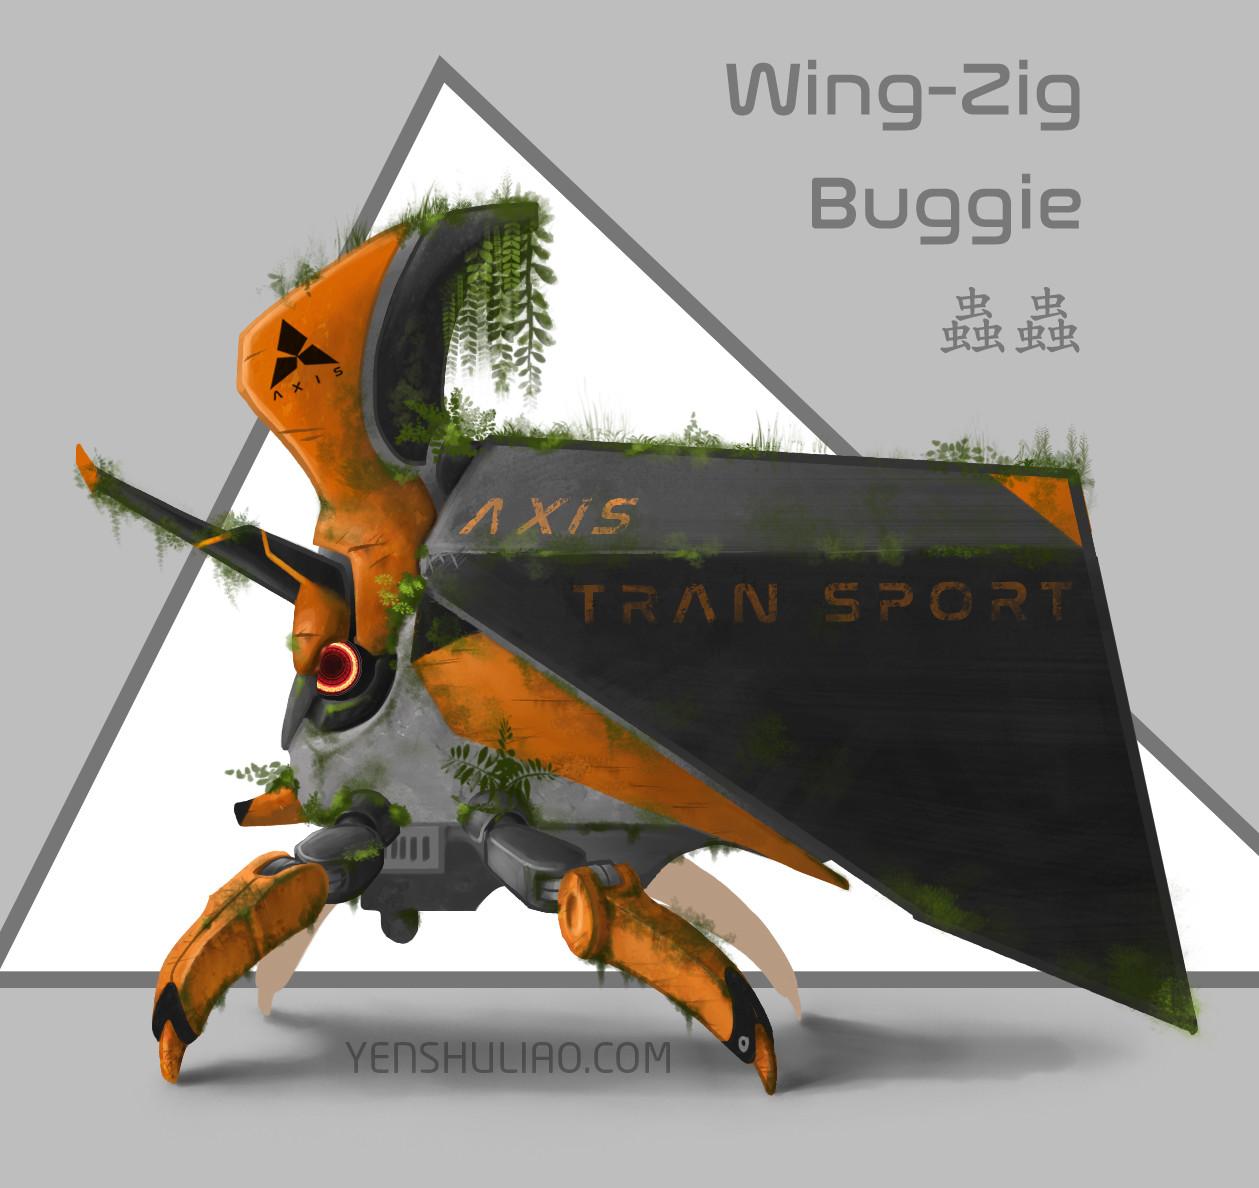 Yen shu liao mech robot concept art yenshuliao 05